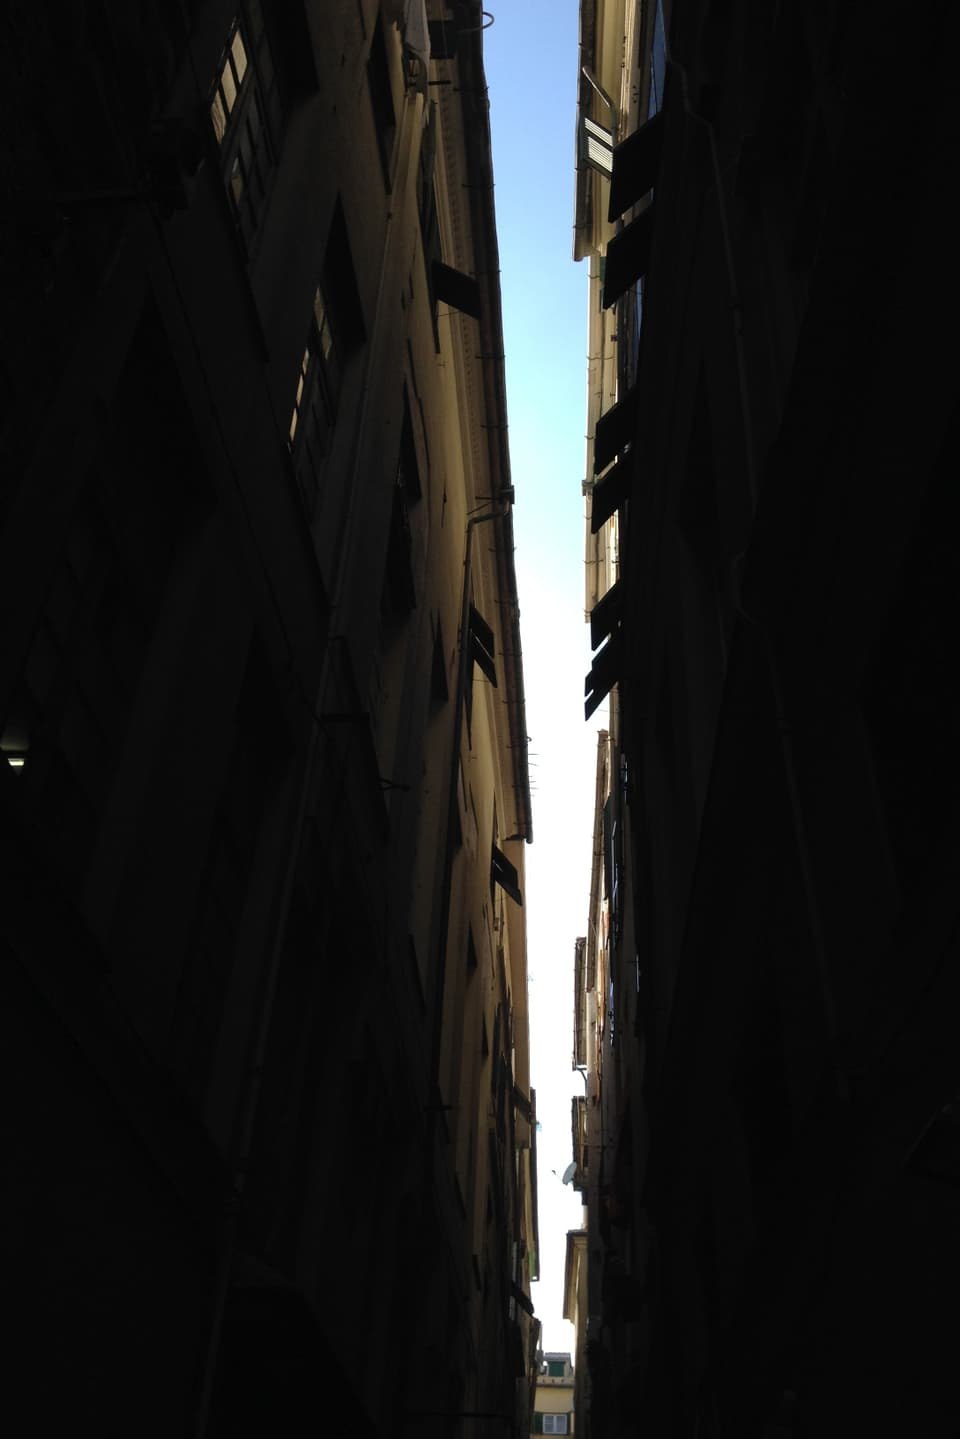 Ina giassa stretga a Genova.